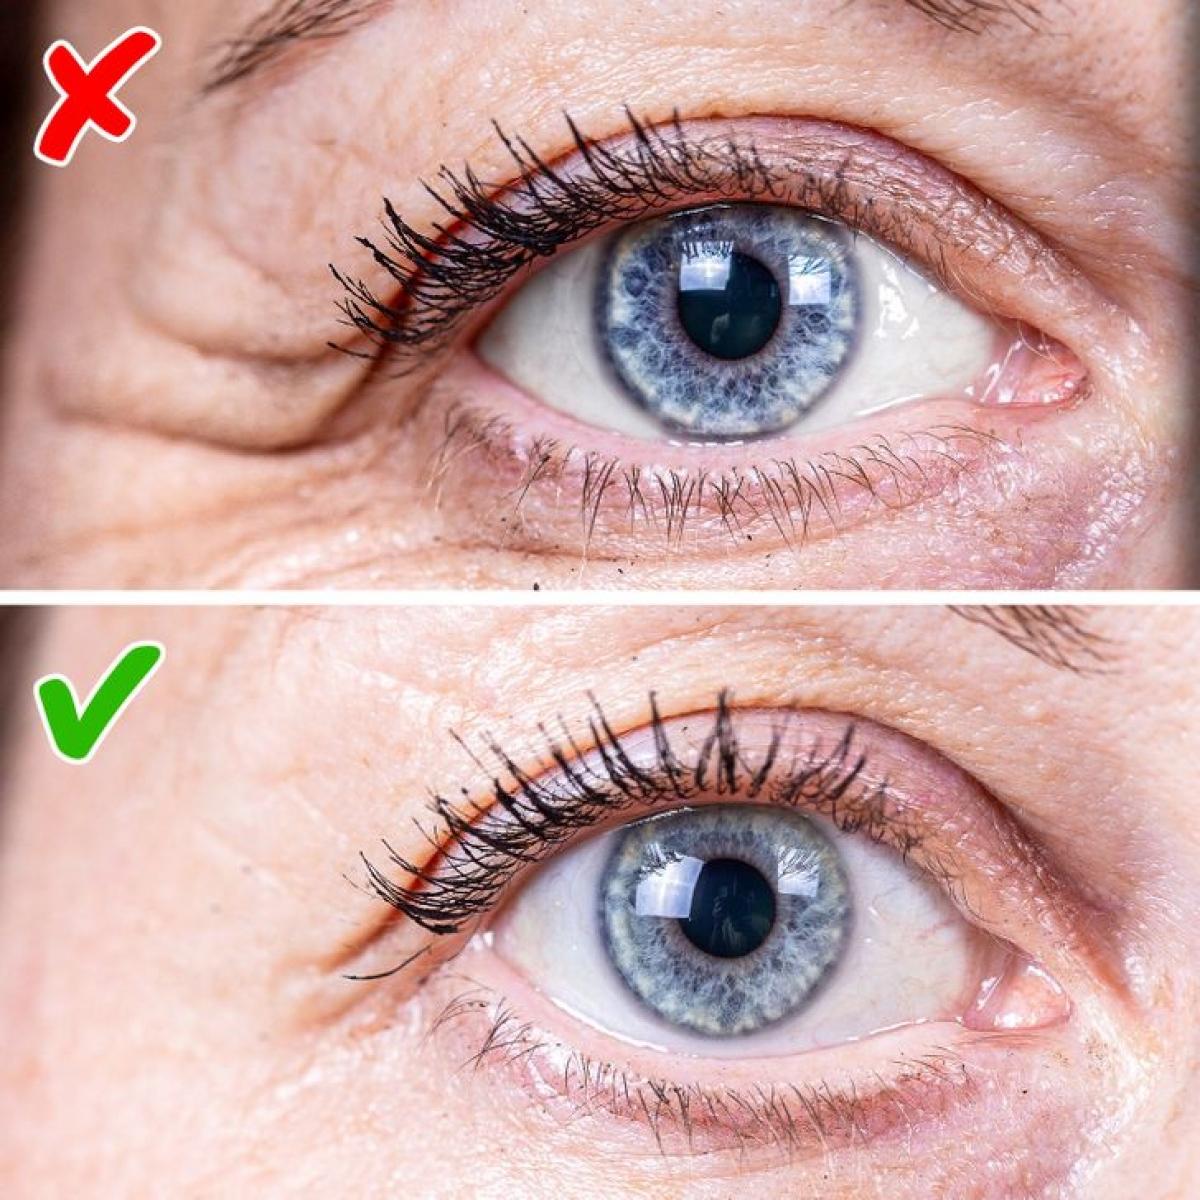 Nếu bạn thức dậy với những nếp nhăn khó chịu trên khuôn mặt, thì chiếc gối có thể là nguyên nhân. Vết gấp vải có thể in hằn lên da và để lại nếp nhăn. Dù những vết hằn này sẽ dần biến mất sau đó, nhưng tổn thương lặp đi lặp có thể tạo thành nếp nhăn vĩnh viễn.